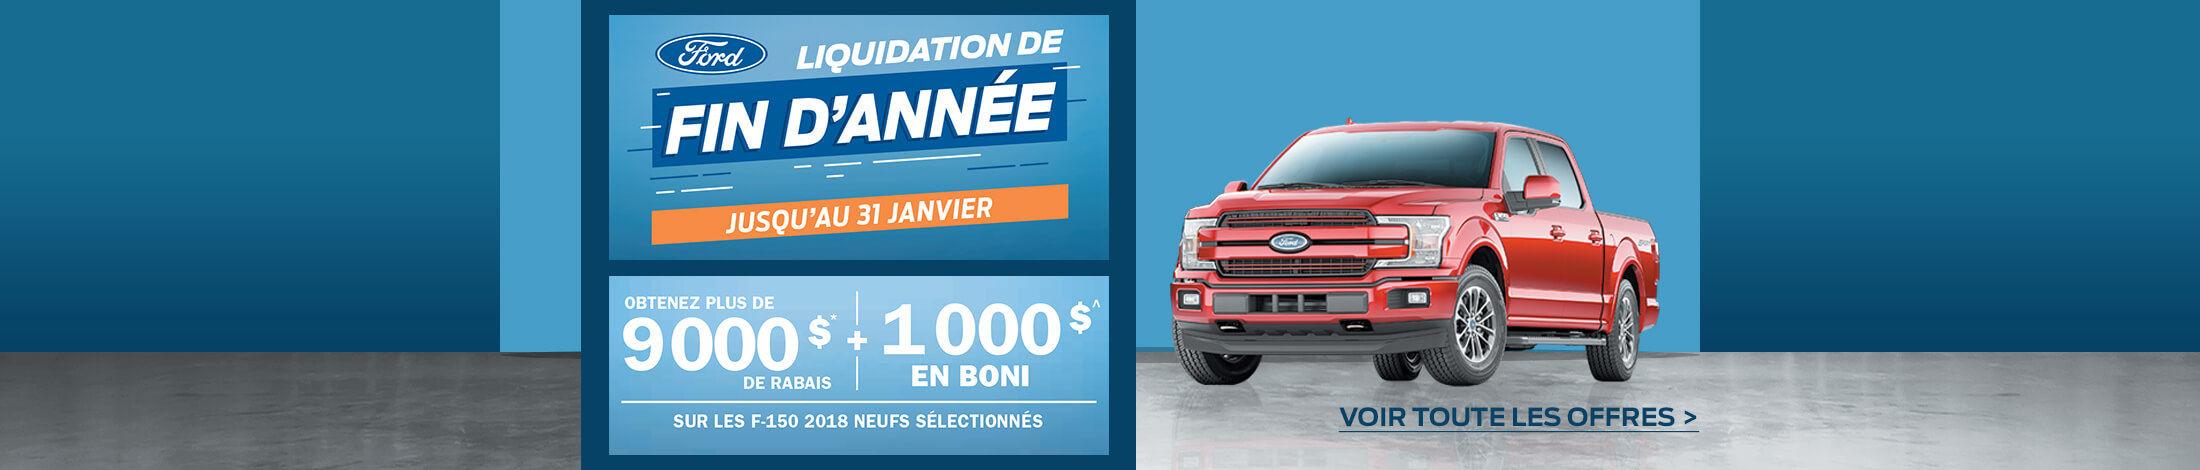 L'événement liquidation fin d'année Ford